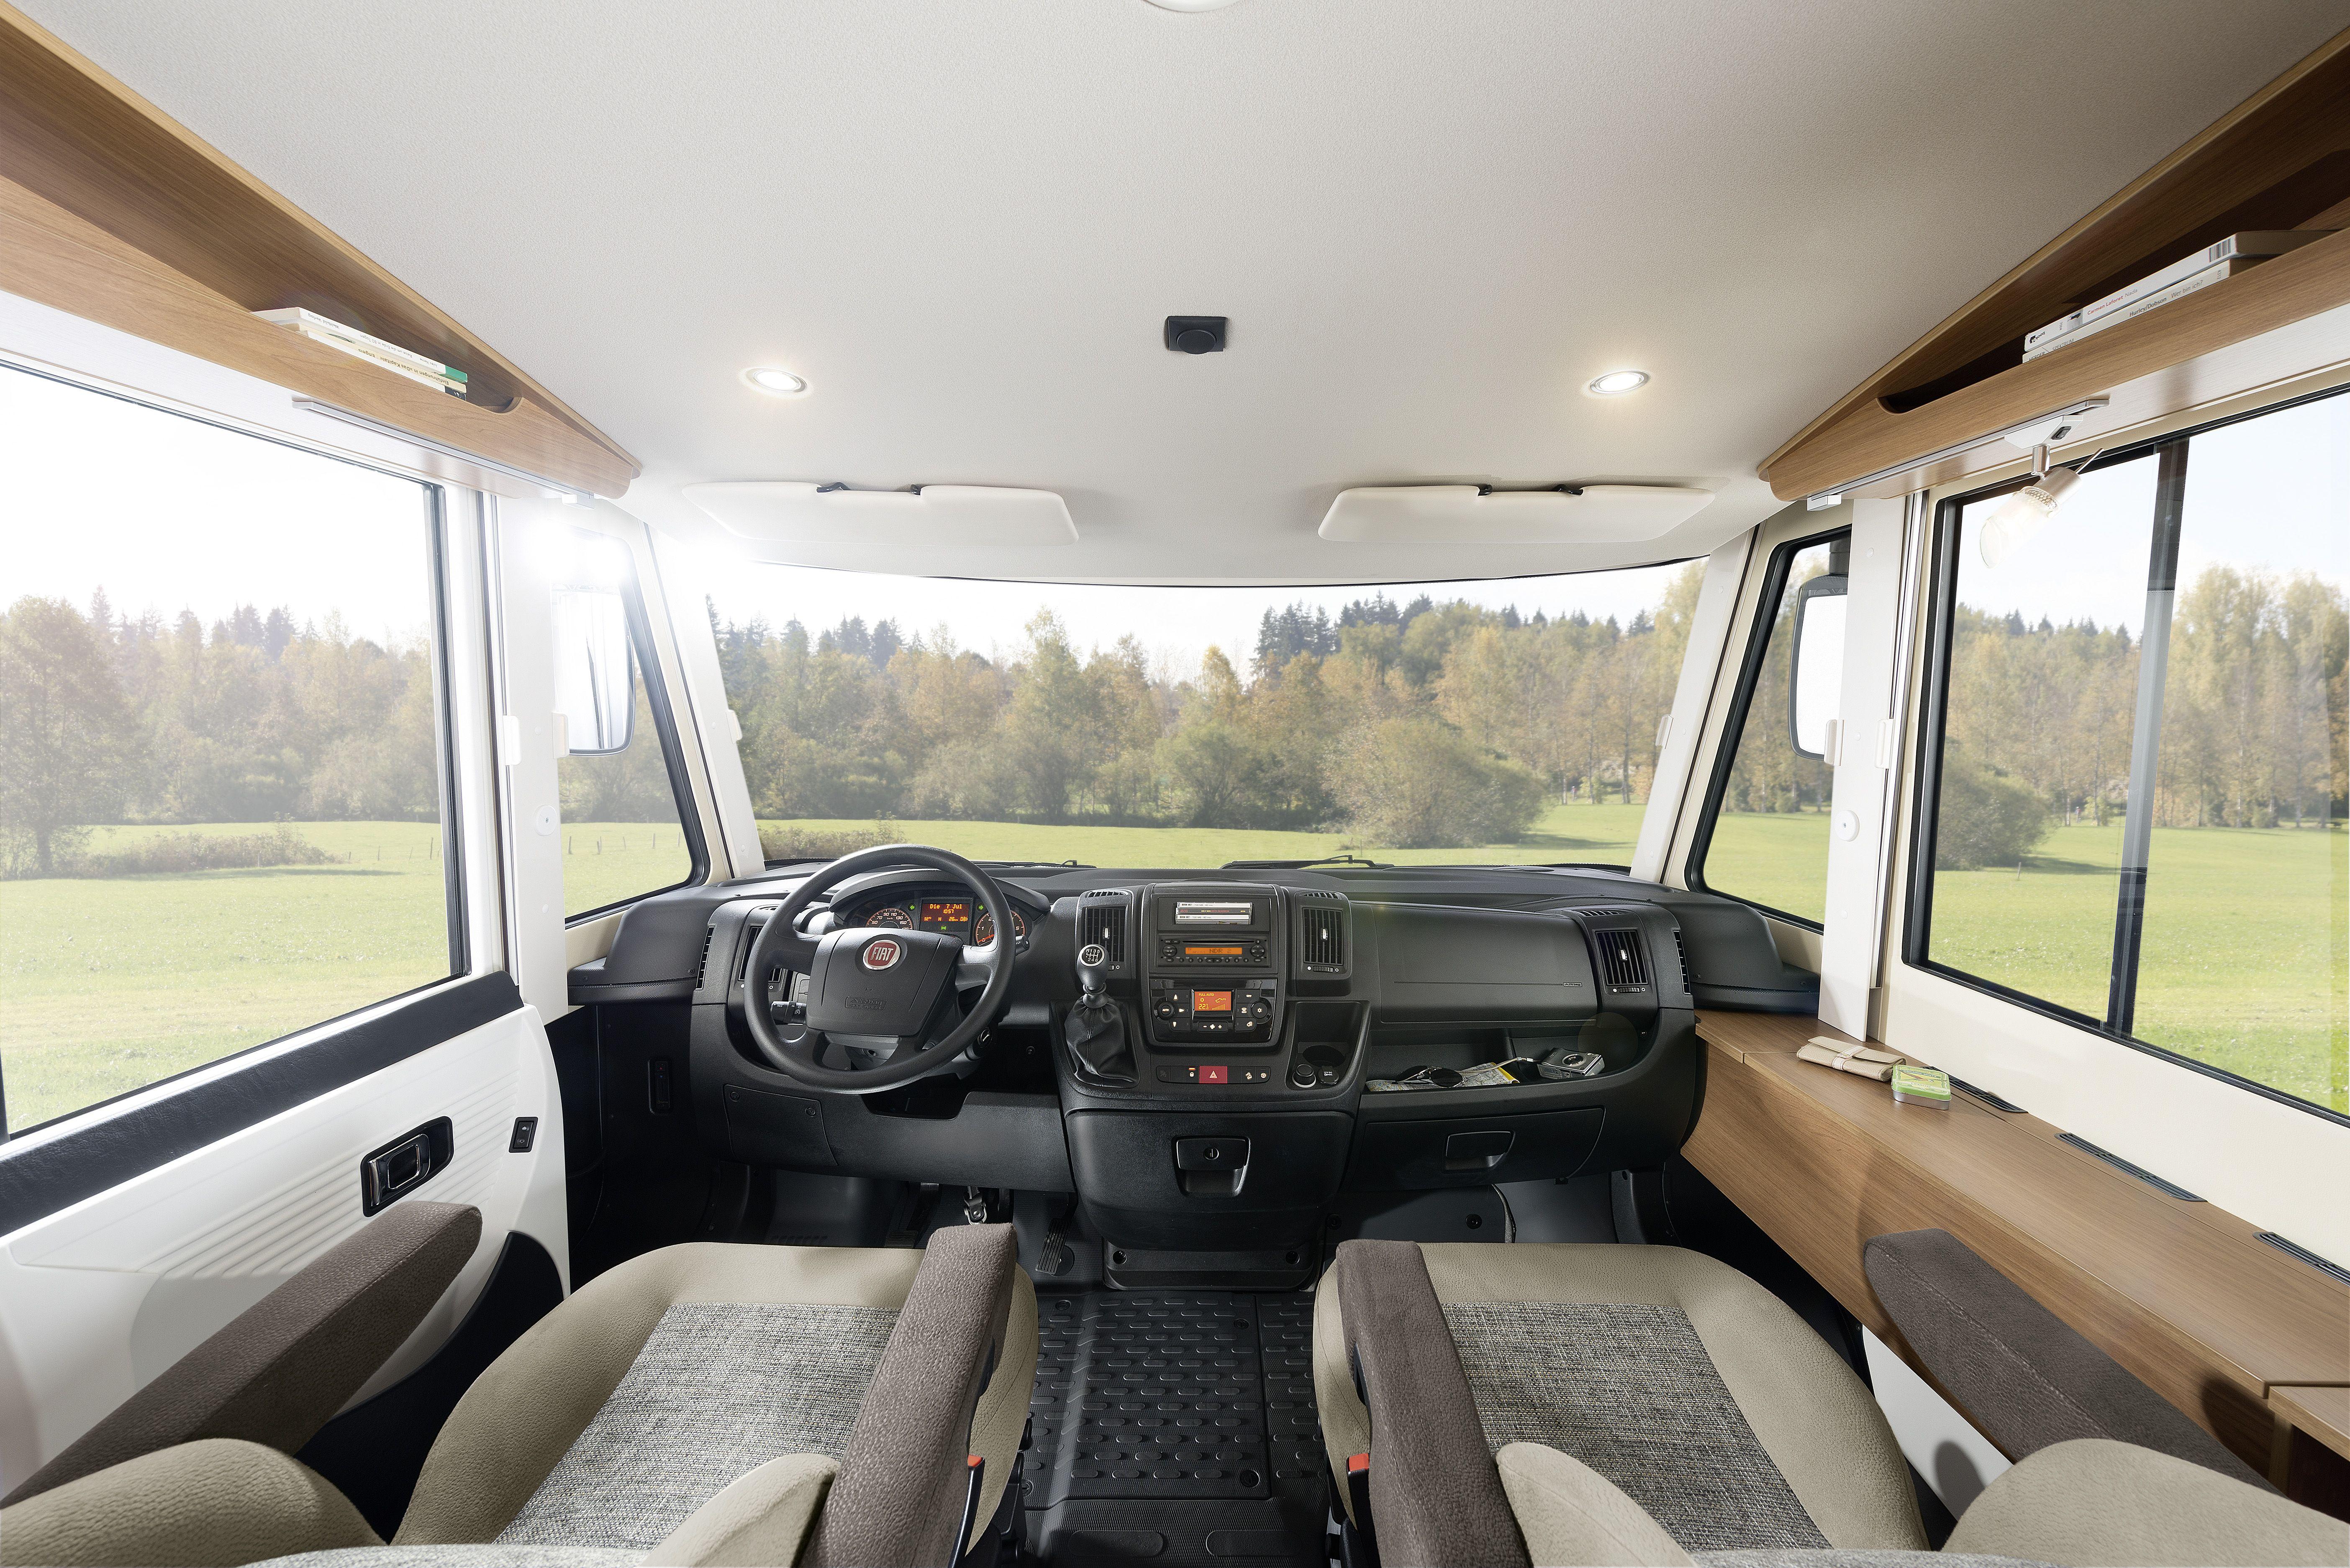 Wygodne siedzenia dla kierowcy i pasażera, które można później wykorzystać do siedzenia przy stole